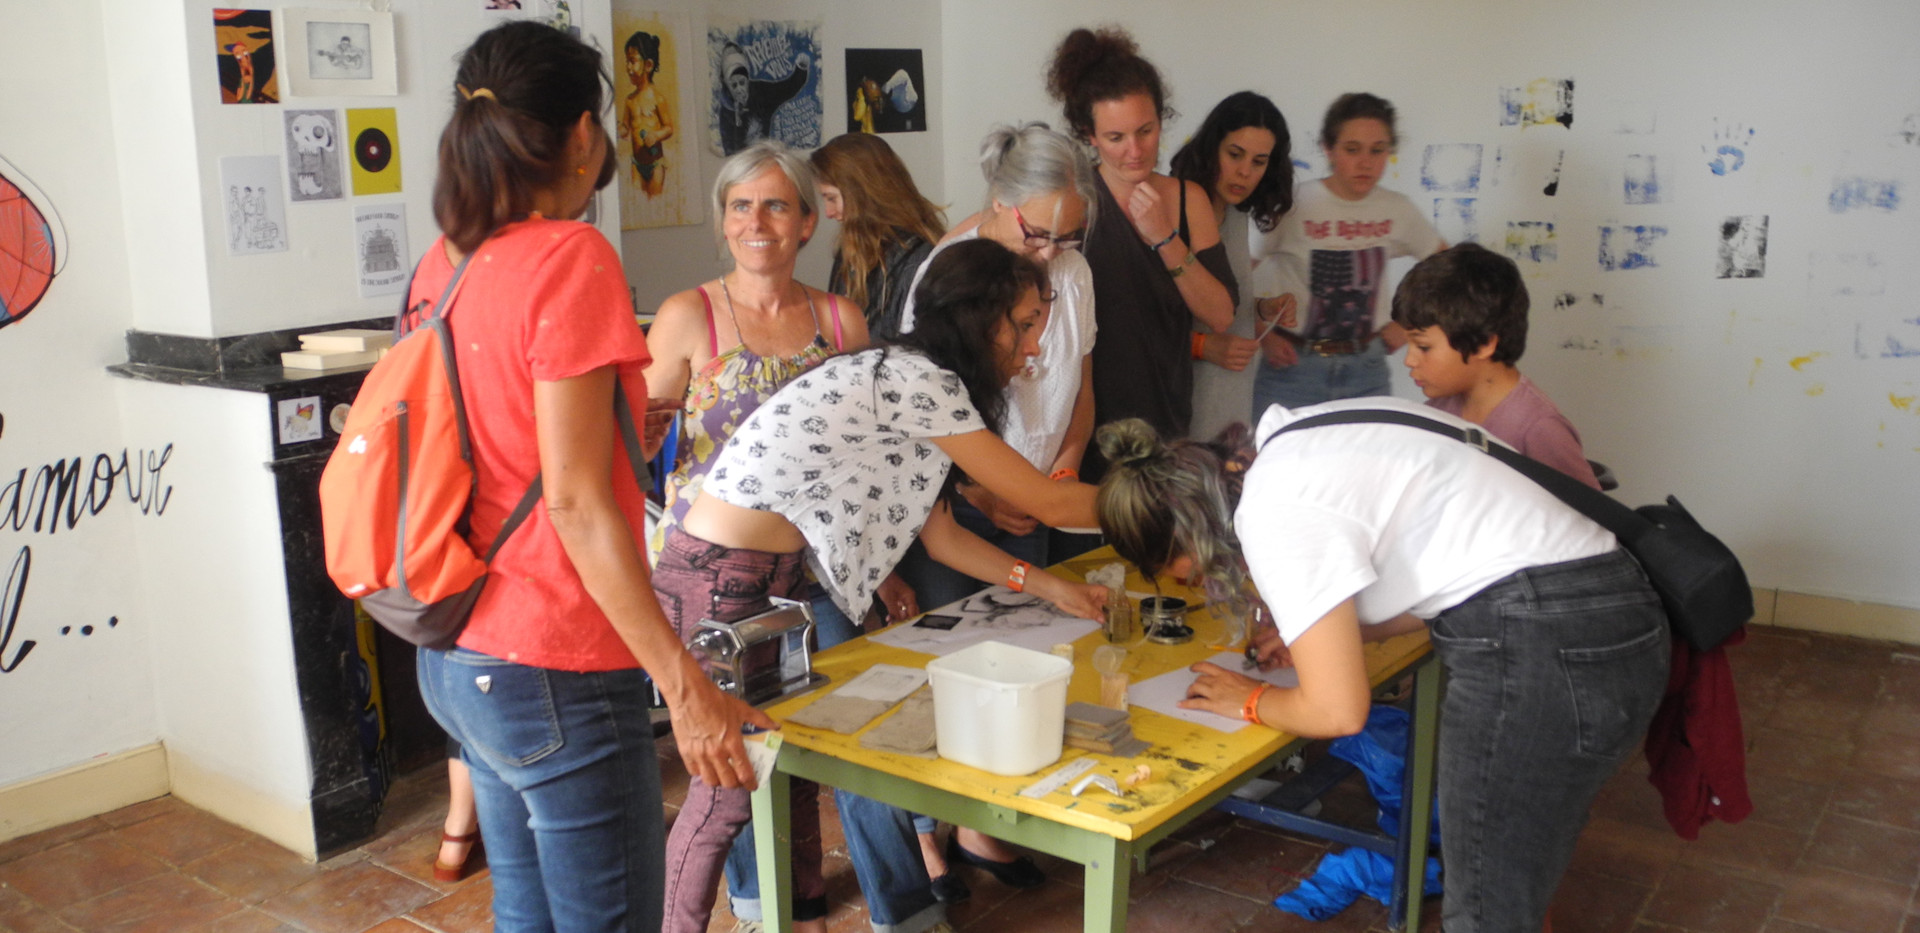 Atelier de gravure de McFly-illustration (Amandine Marty) aux Estivales de l'illustration